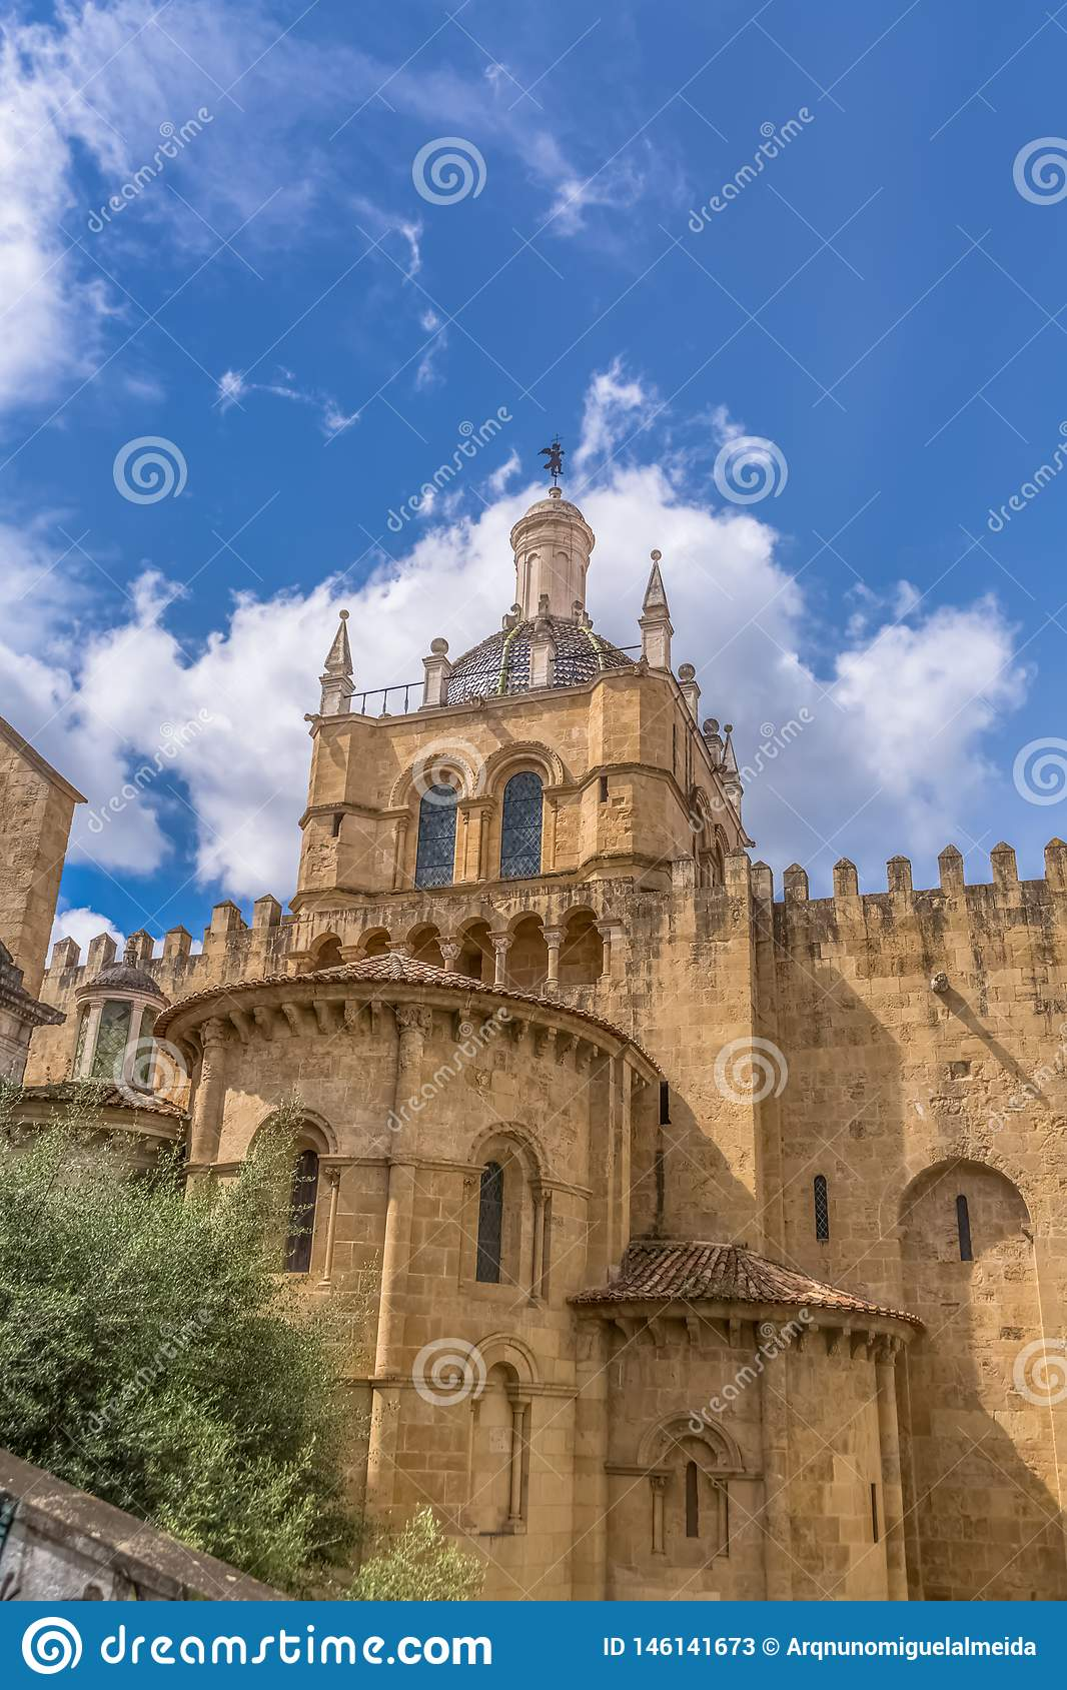 科英布拉/葡萄牙- 04 04 2019年:科英布拉大教堂,科英布拉城市和天空哥特式大厦的侧向门面看法